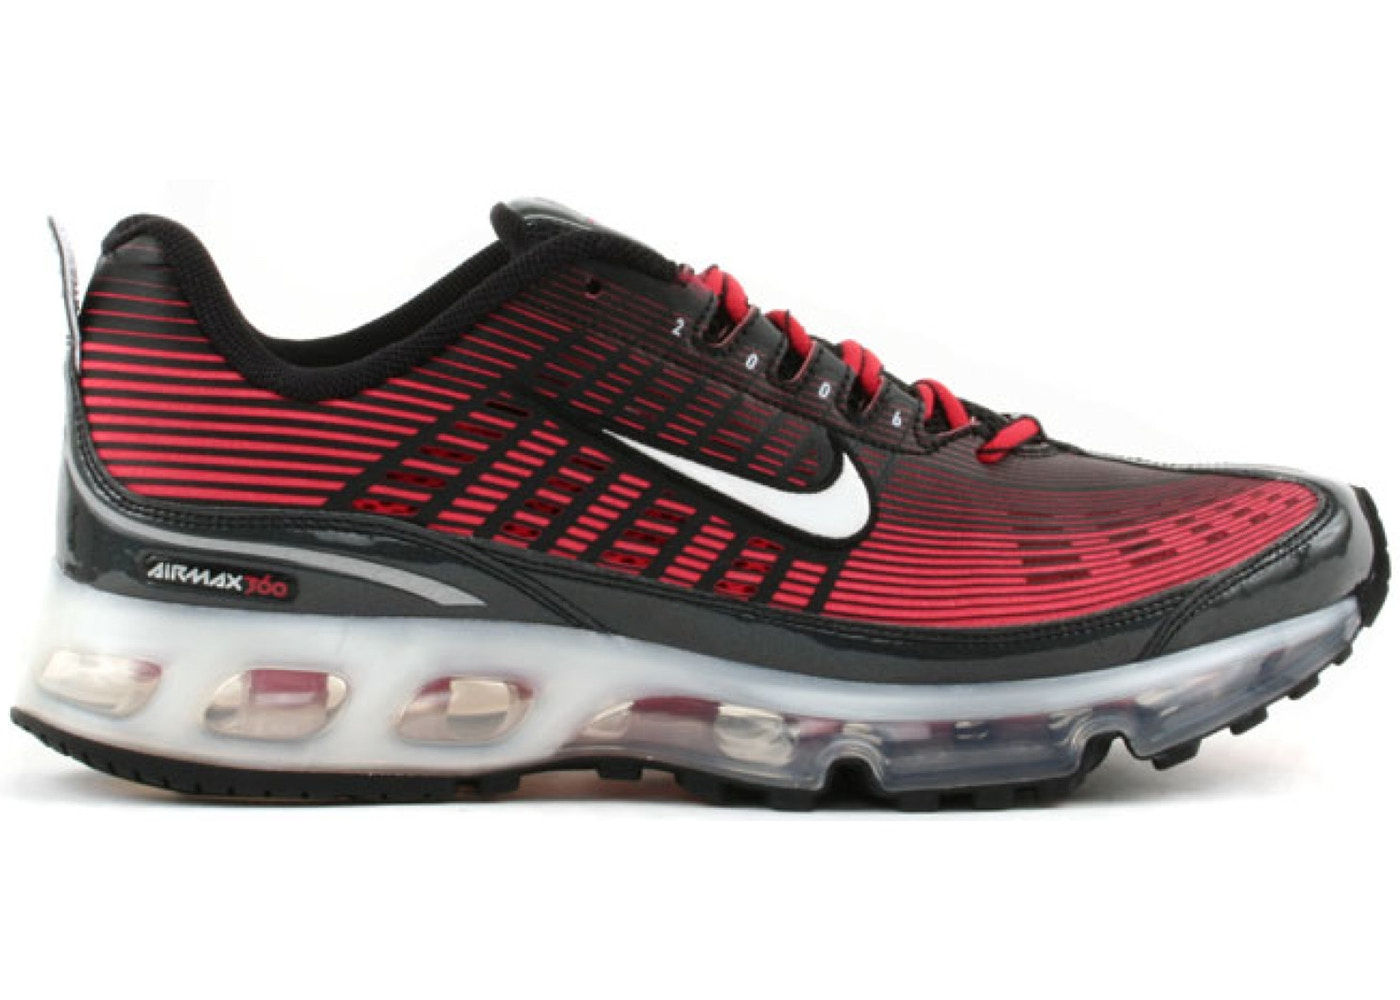 Nike Air Max 360 Black Atom Red - 310908-012